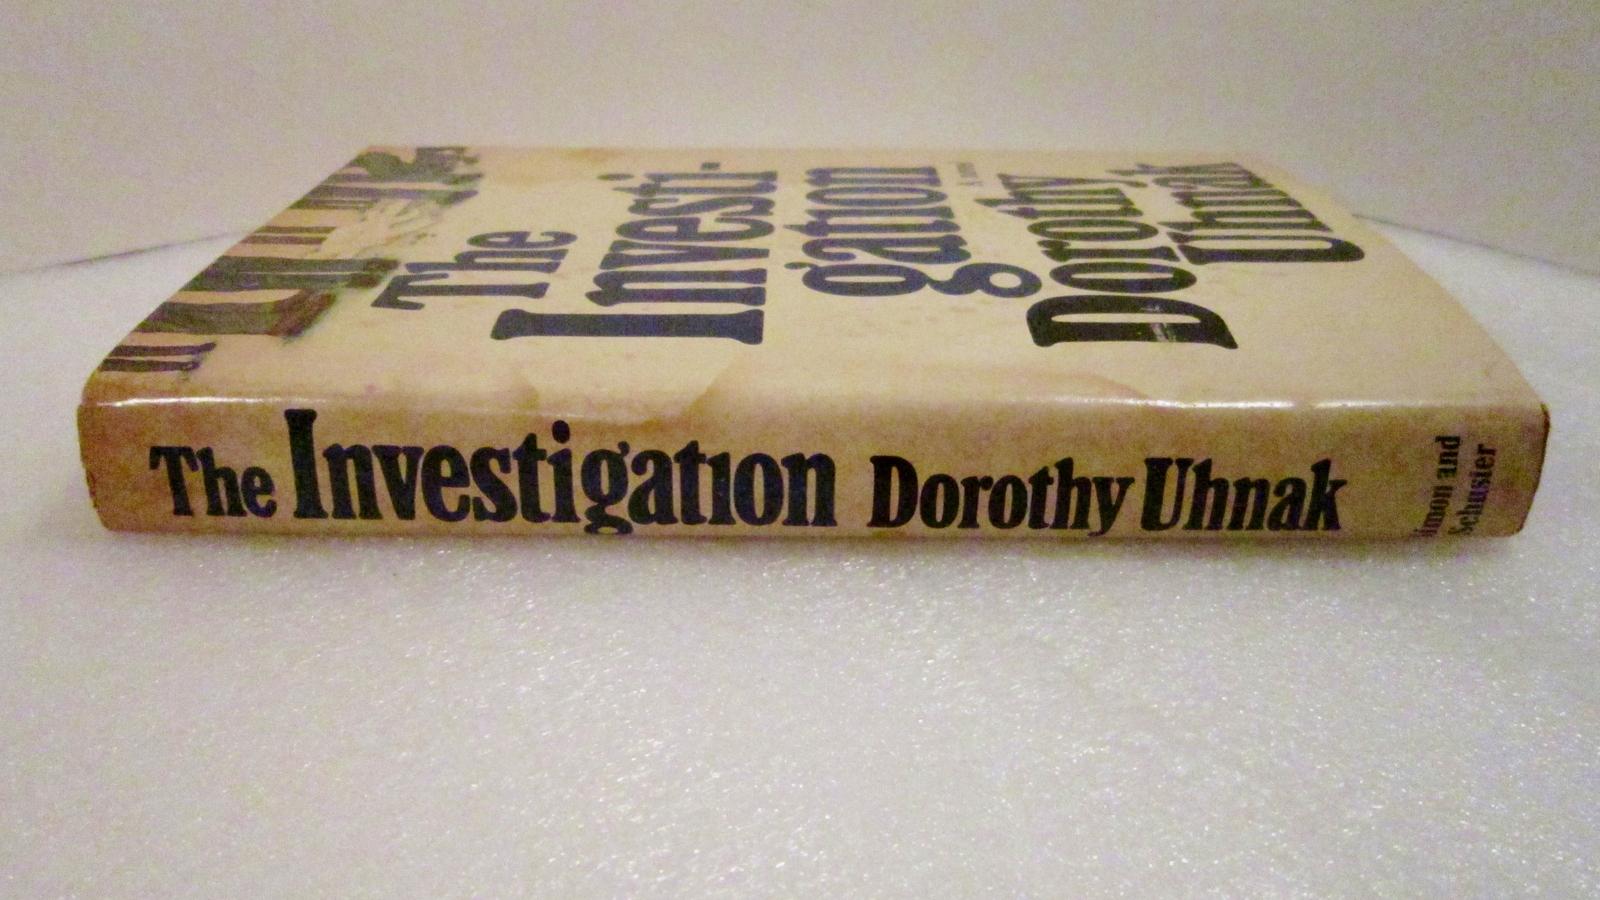 The Investigation 1977 Dorothy Uhnak novel